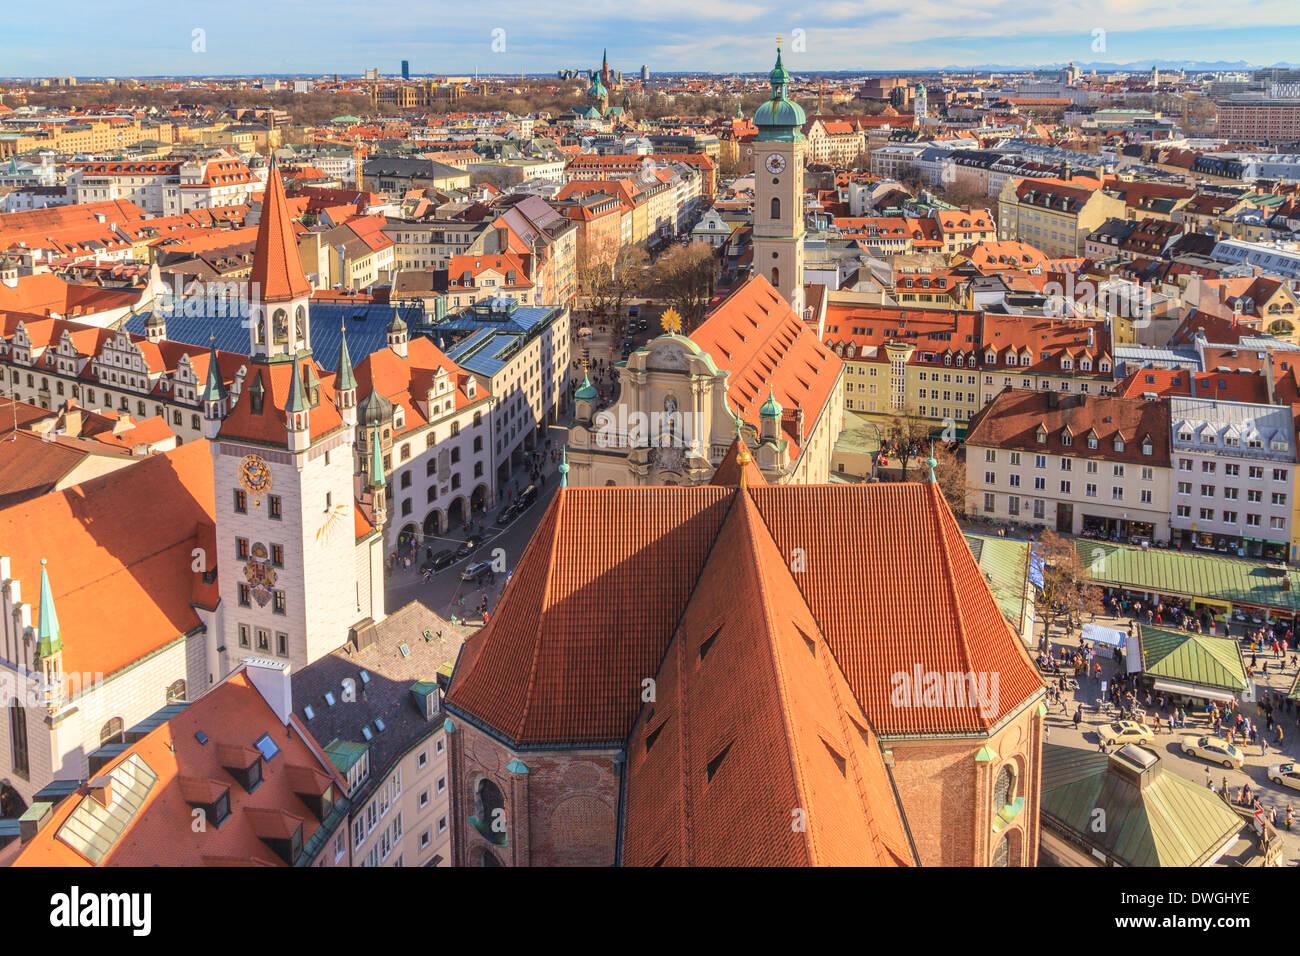 Munich Panorama con el antiguo ayuntamiento, la Iglesia del Espíritu Santo y el Viktualienmarkt, Baviera, Alemania Imagen De Stock